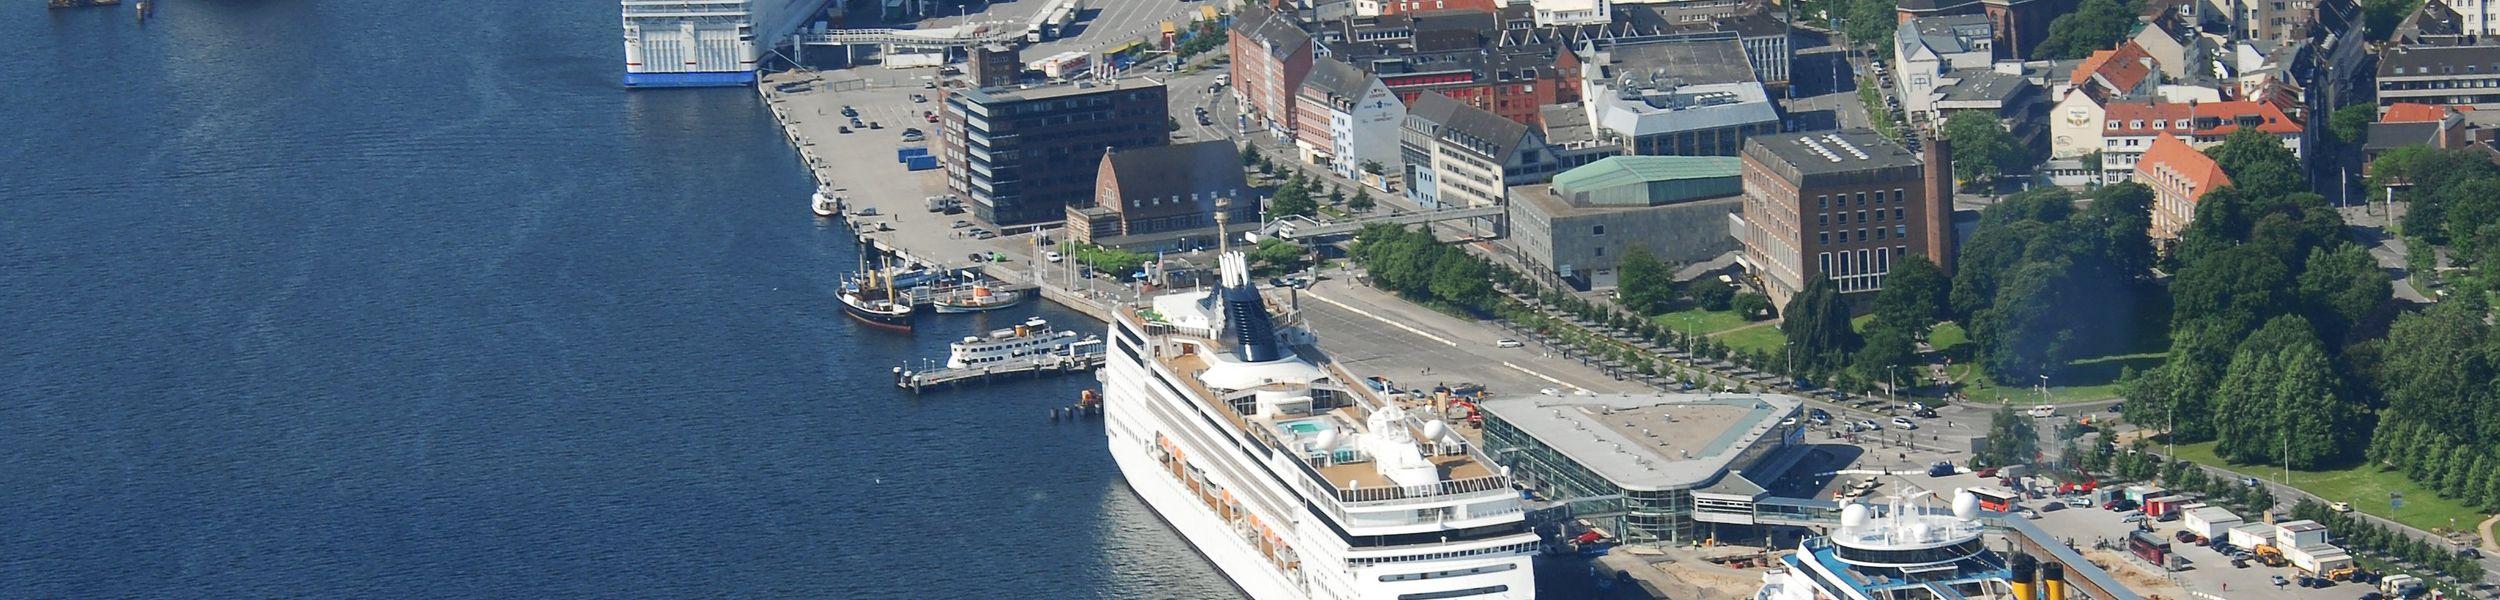 Rostock Kiel